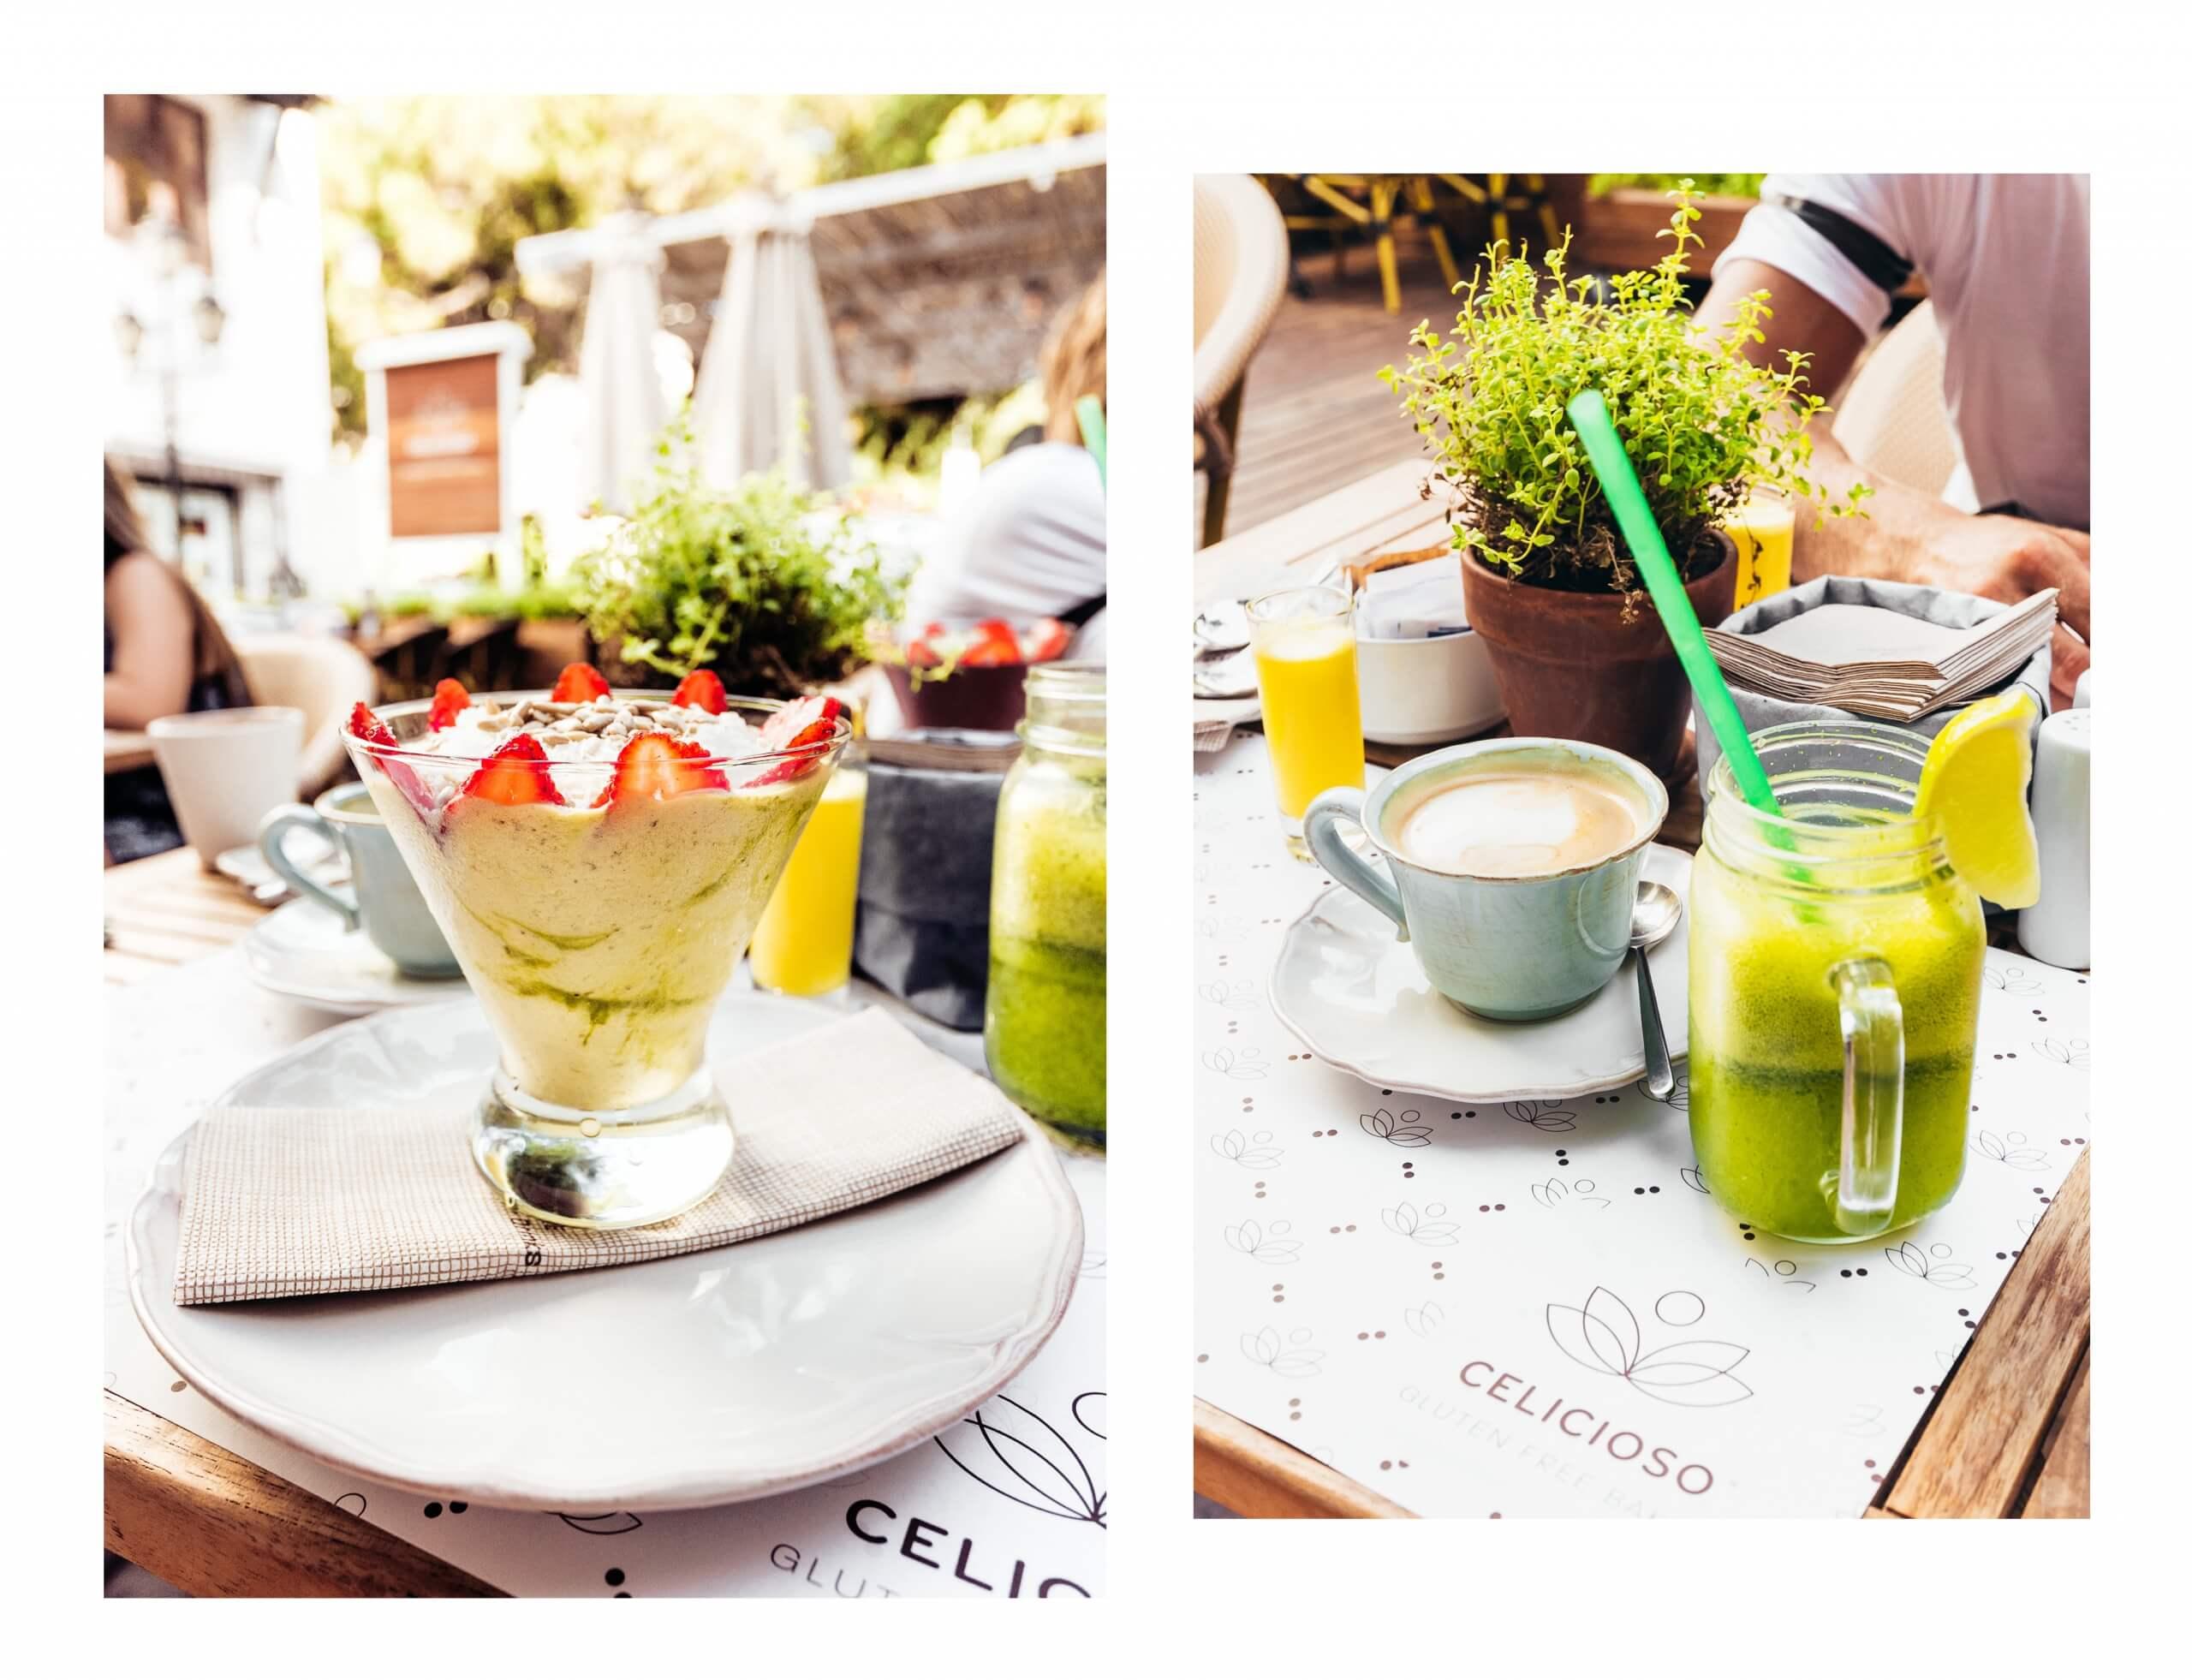 janni-deler-breakfast-spotJ1170215 copy